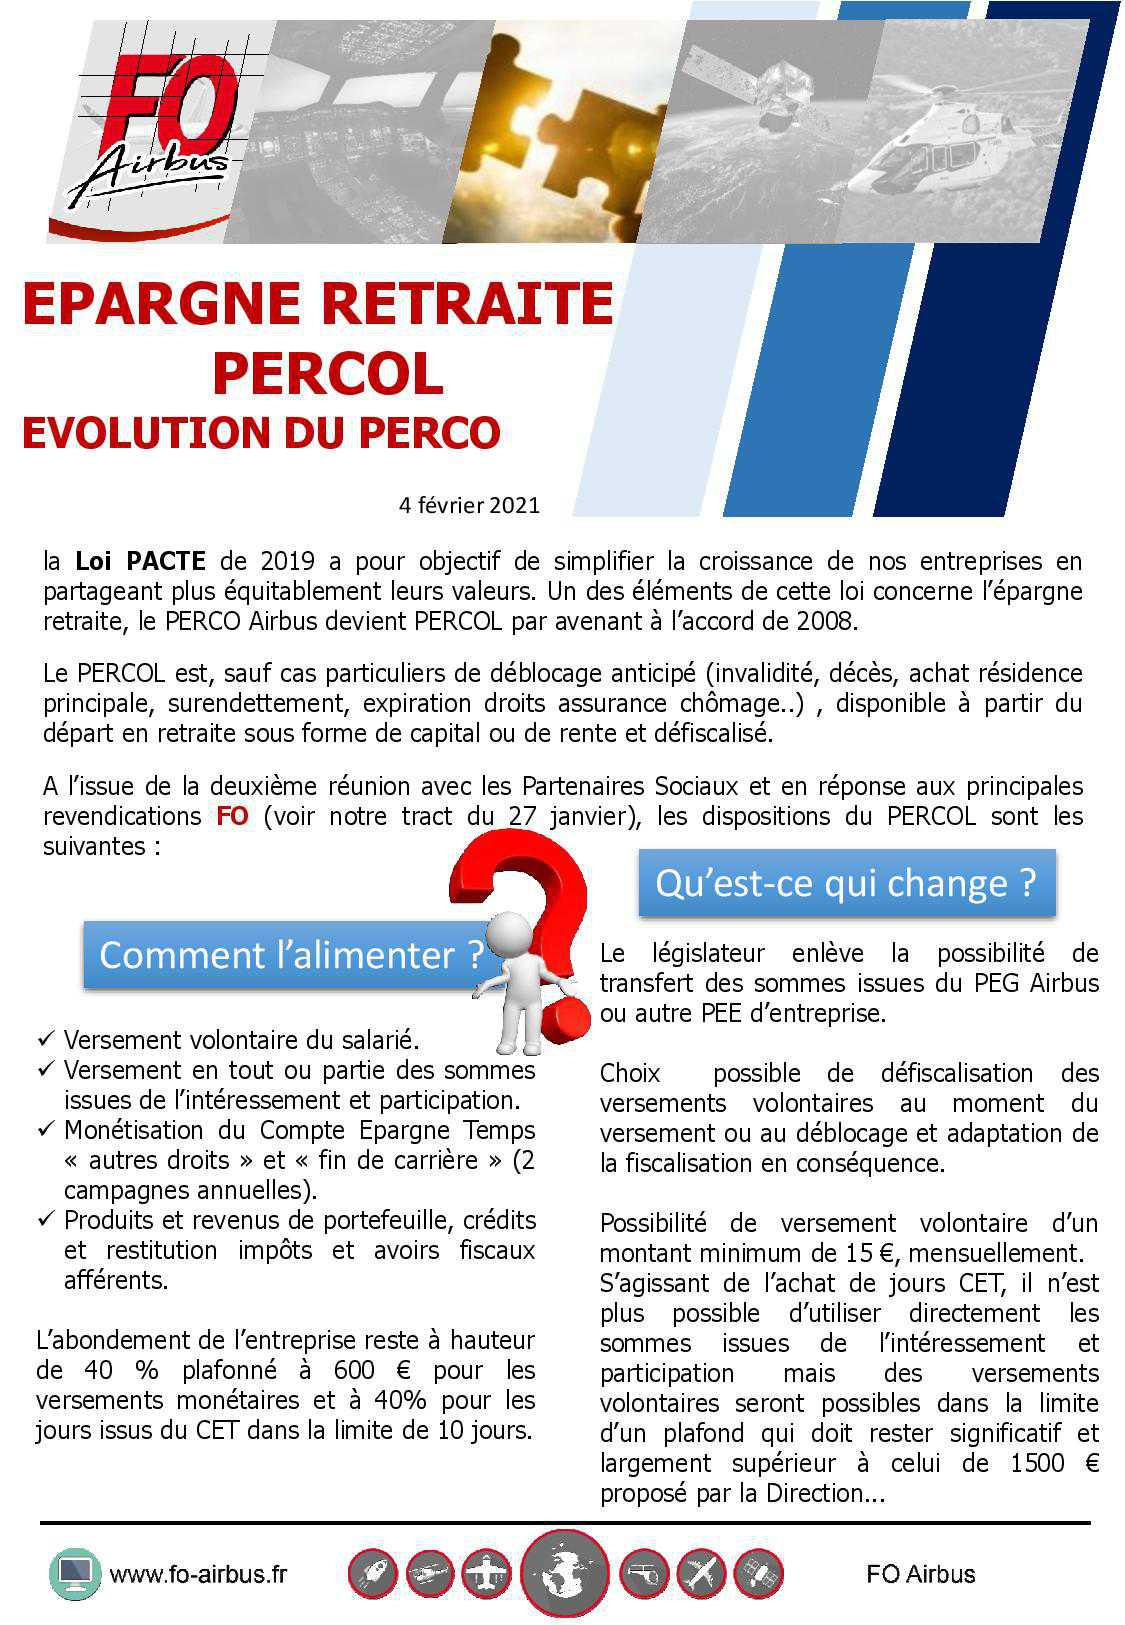 Epargne Retraite PERCOL, Evolution du PERCO